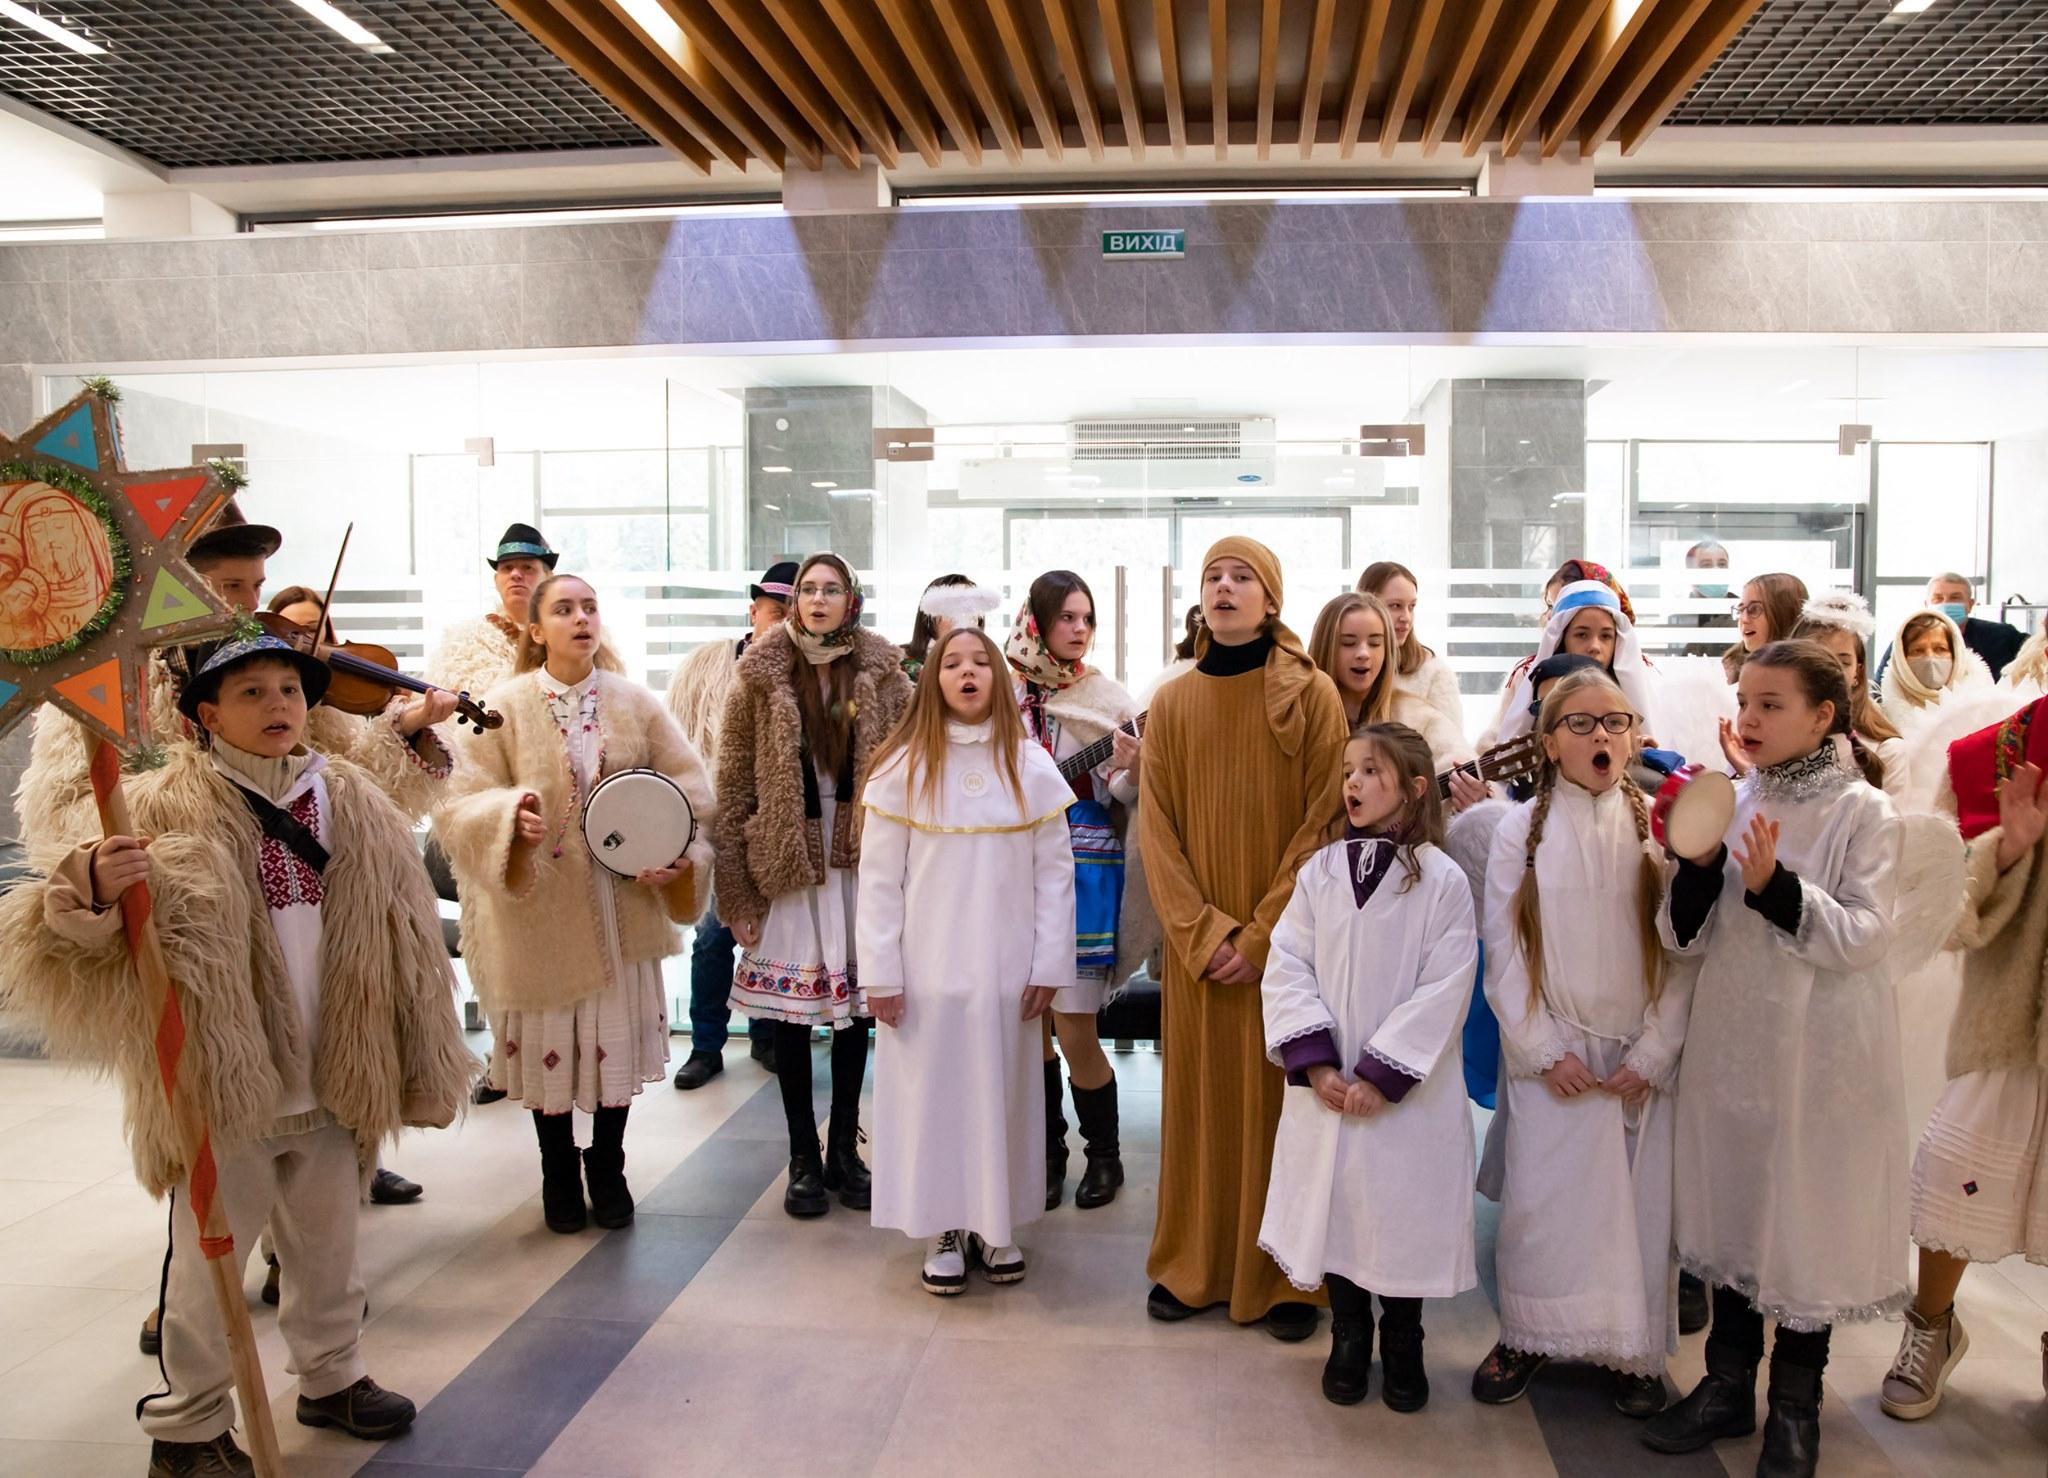 Традиційну різдвяну акцію «Сімейна коляда» проводять уже котрий рік поспіль.